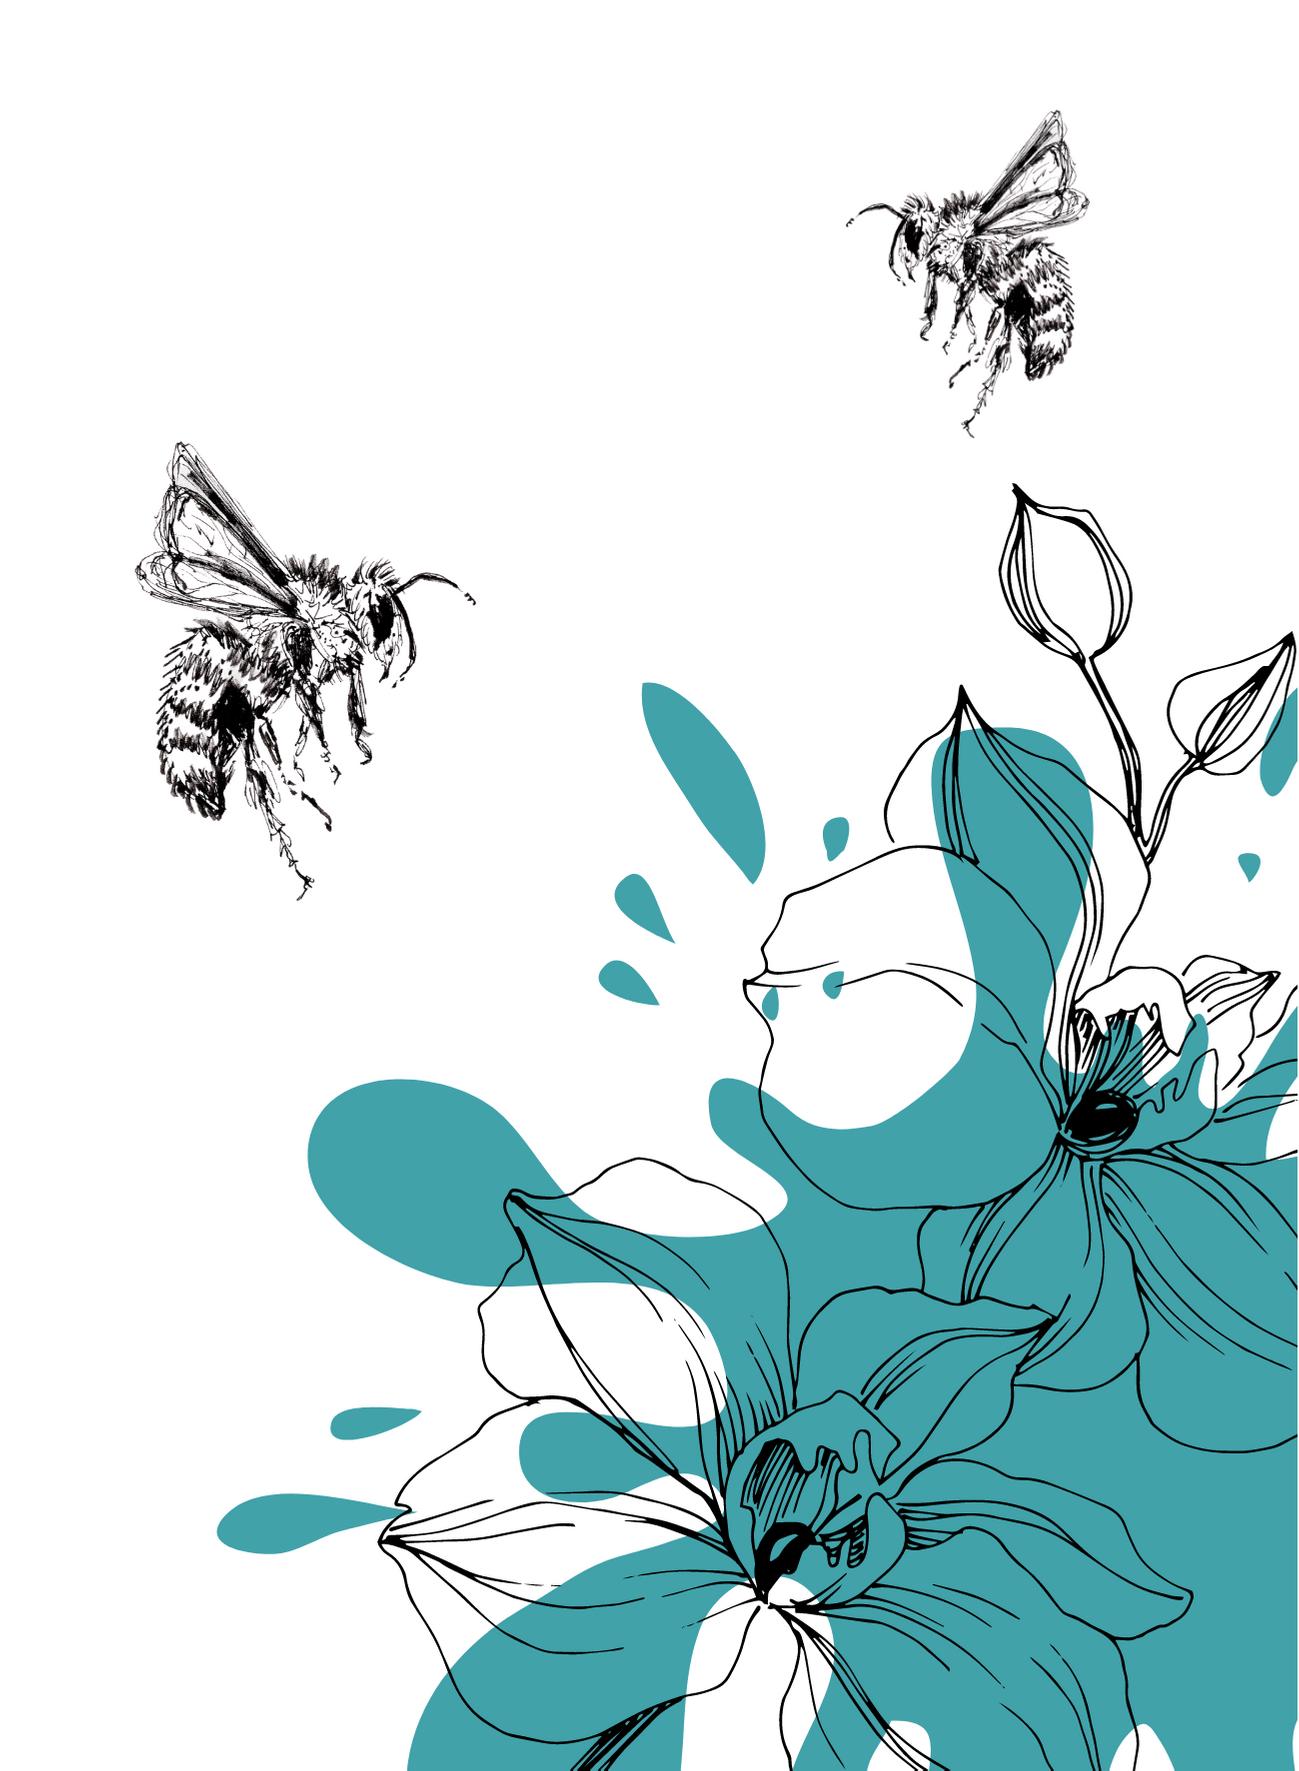 BijenSplash2